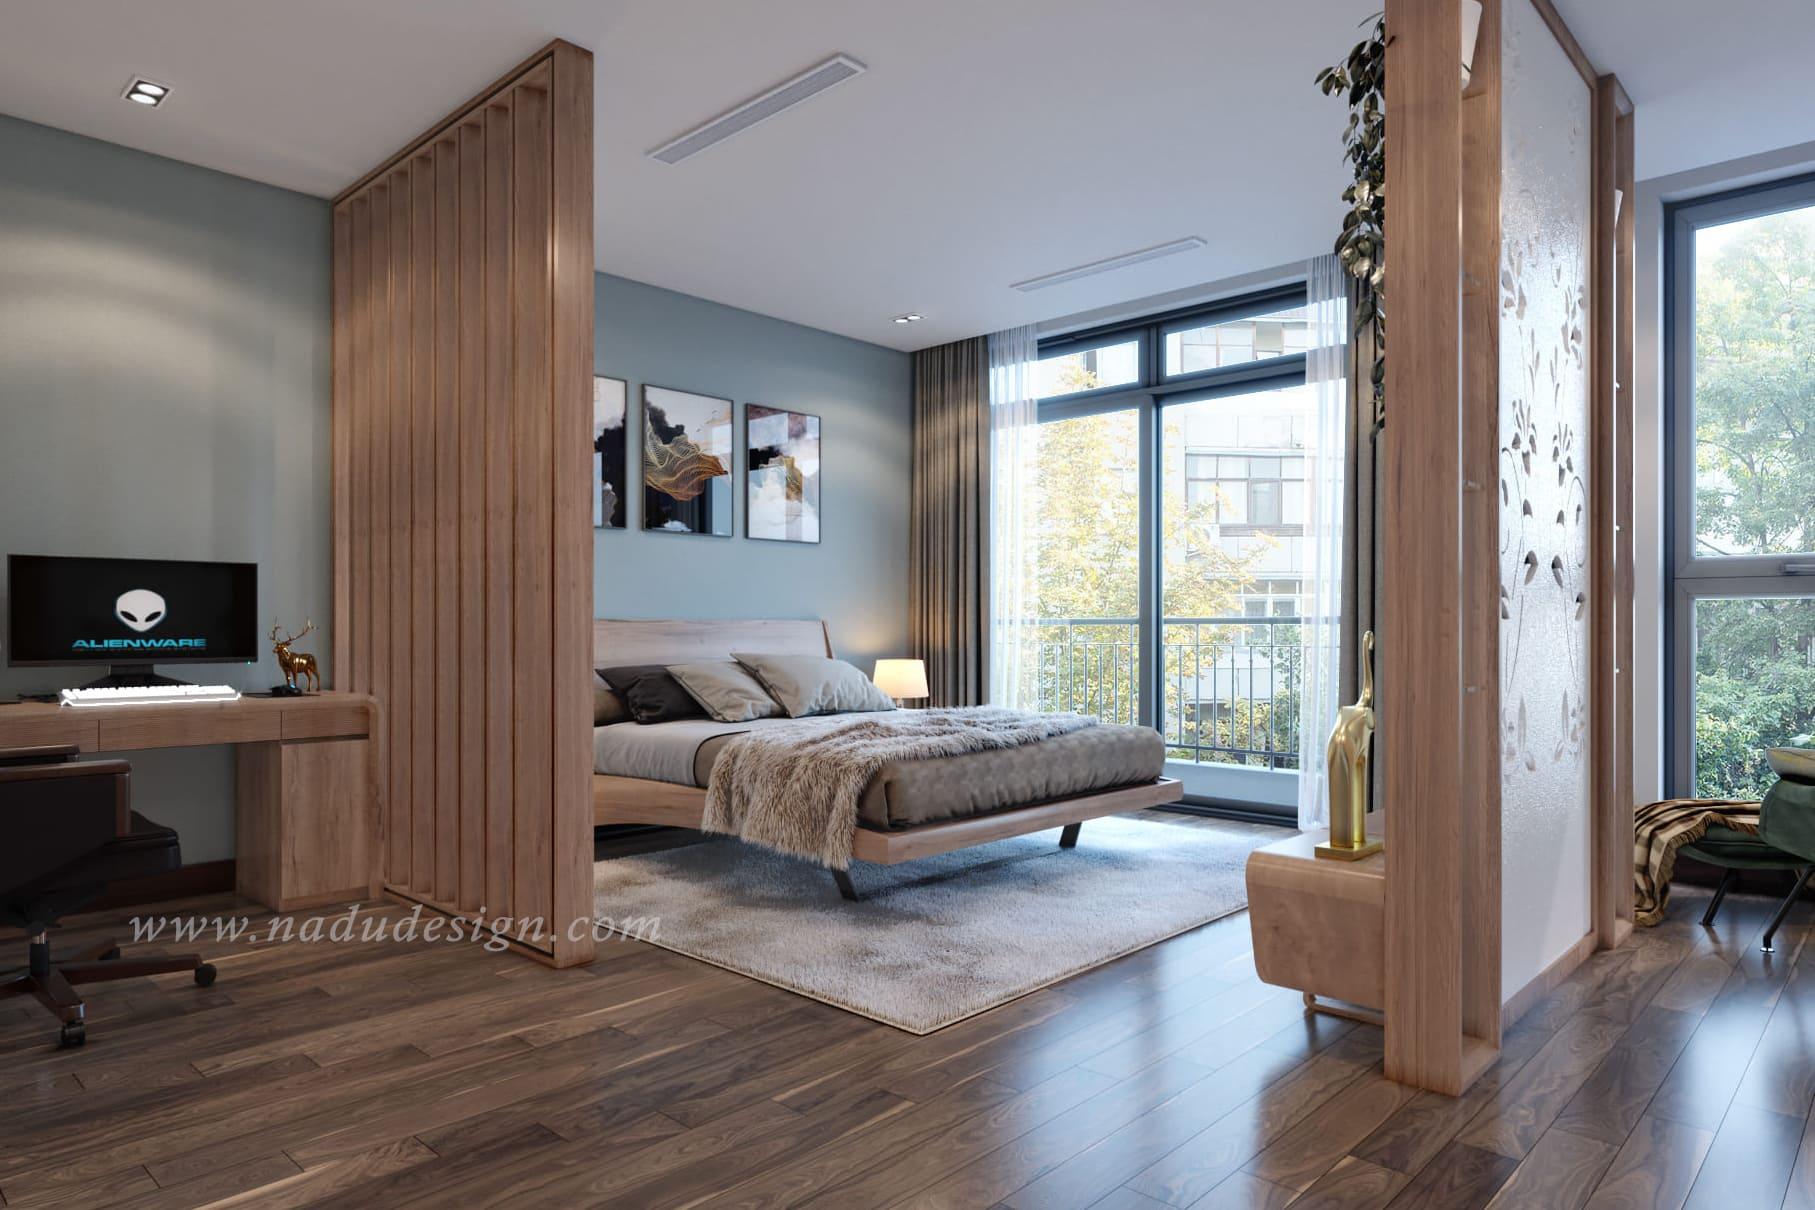 thiết kế nội thất biệt thự cao cấp cho phòng ngủ